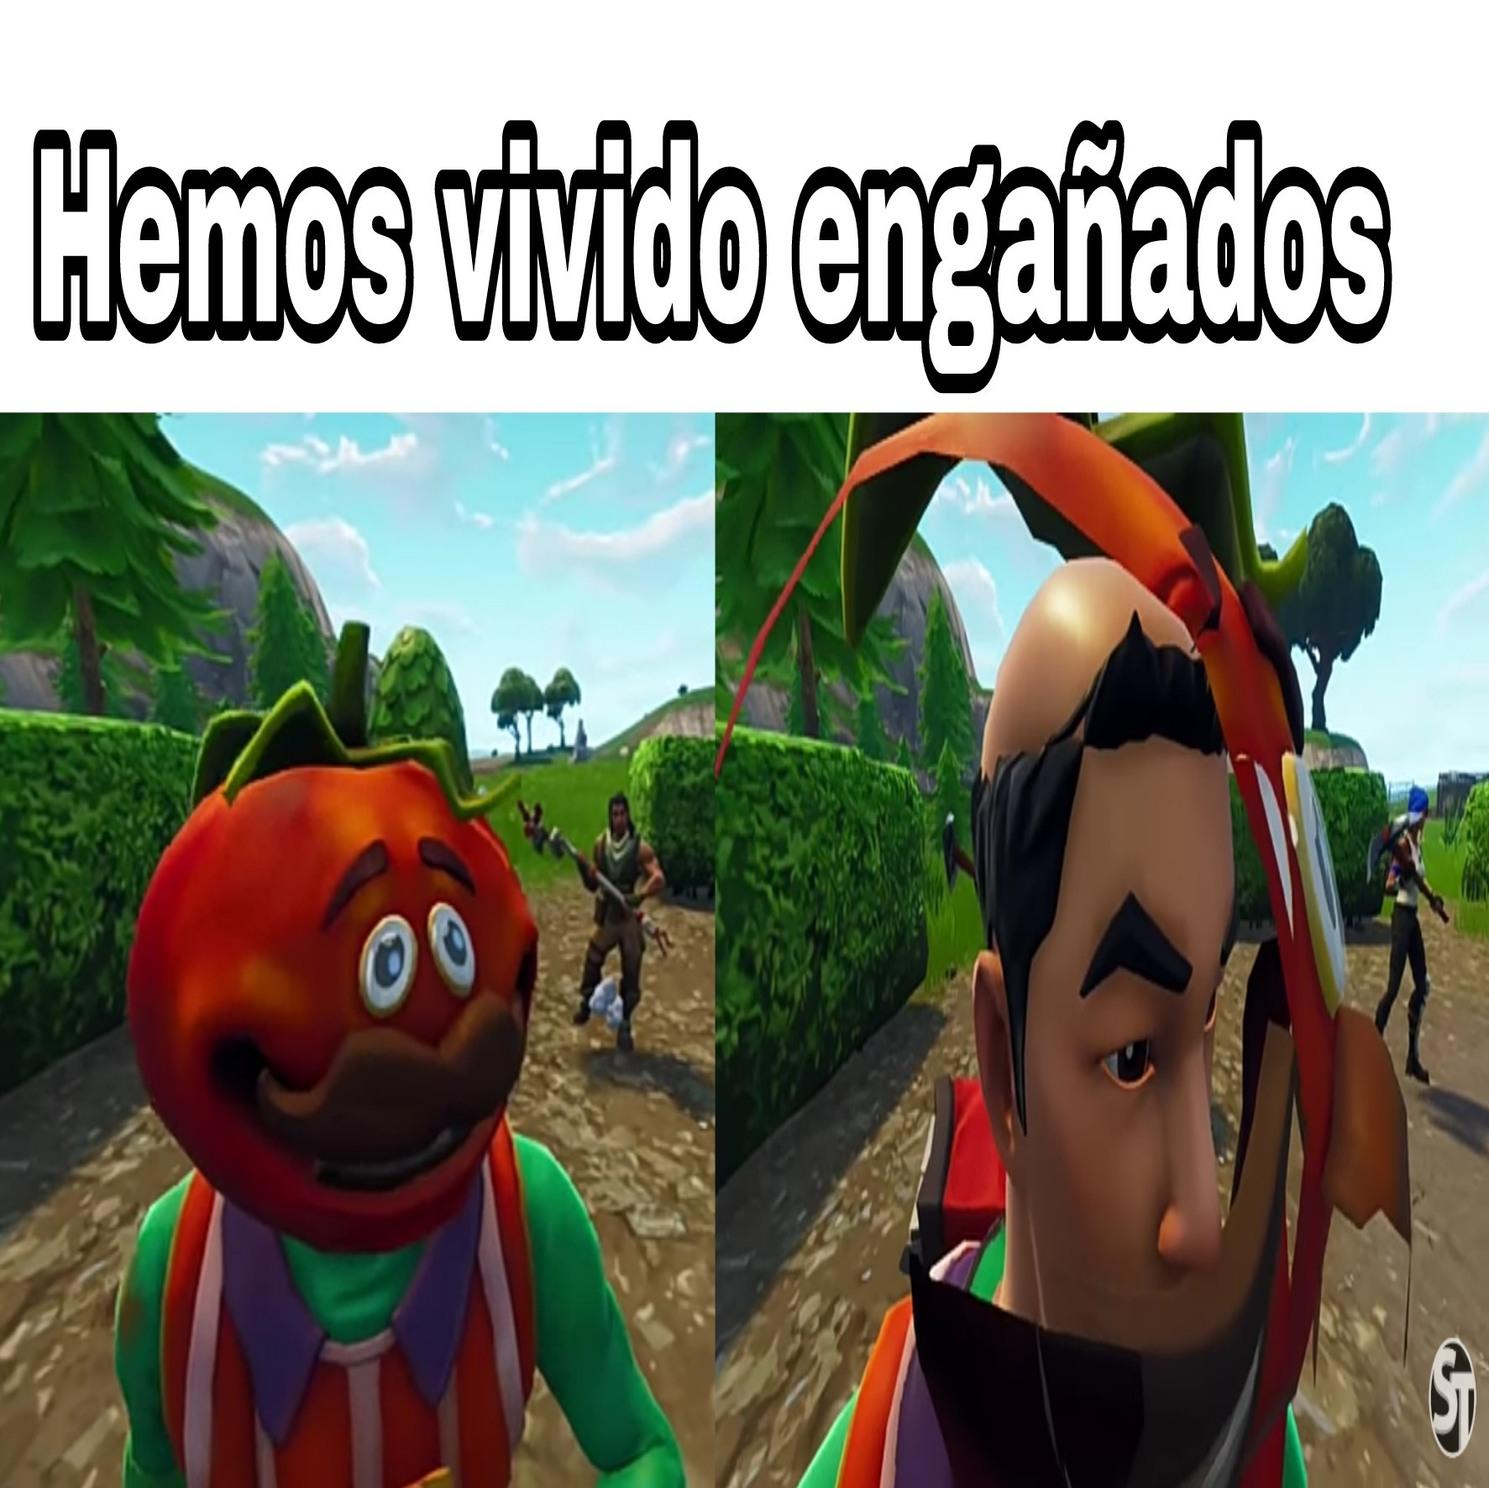 No es un señor tomate... - meme